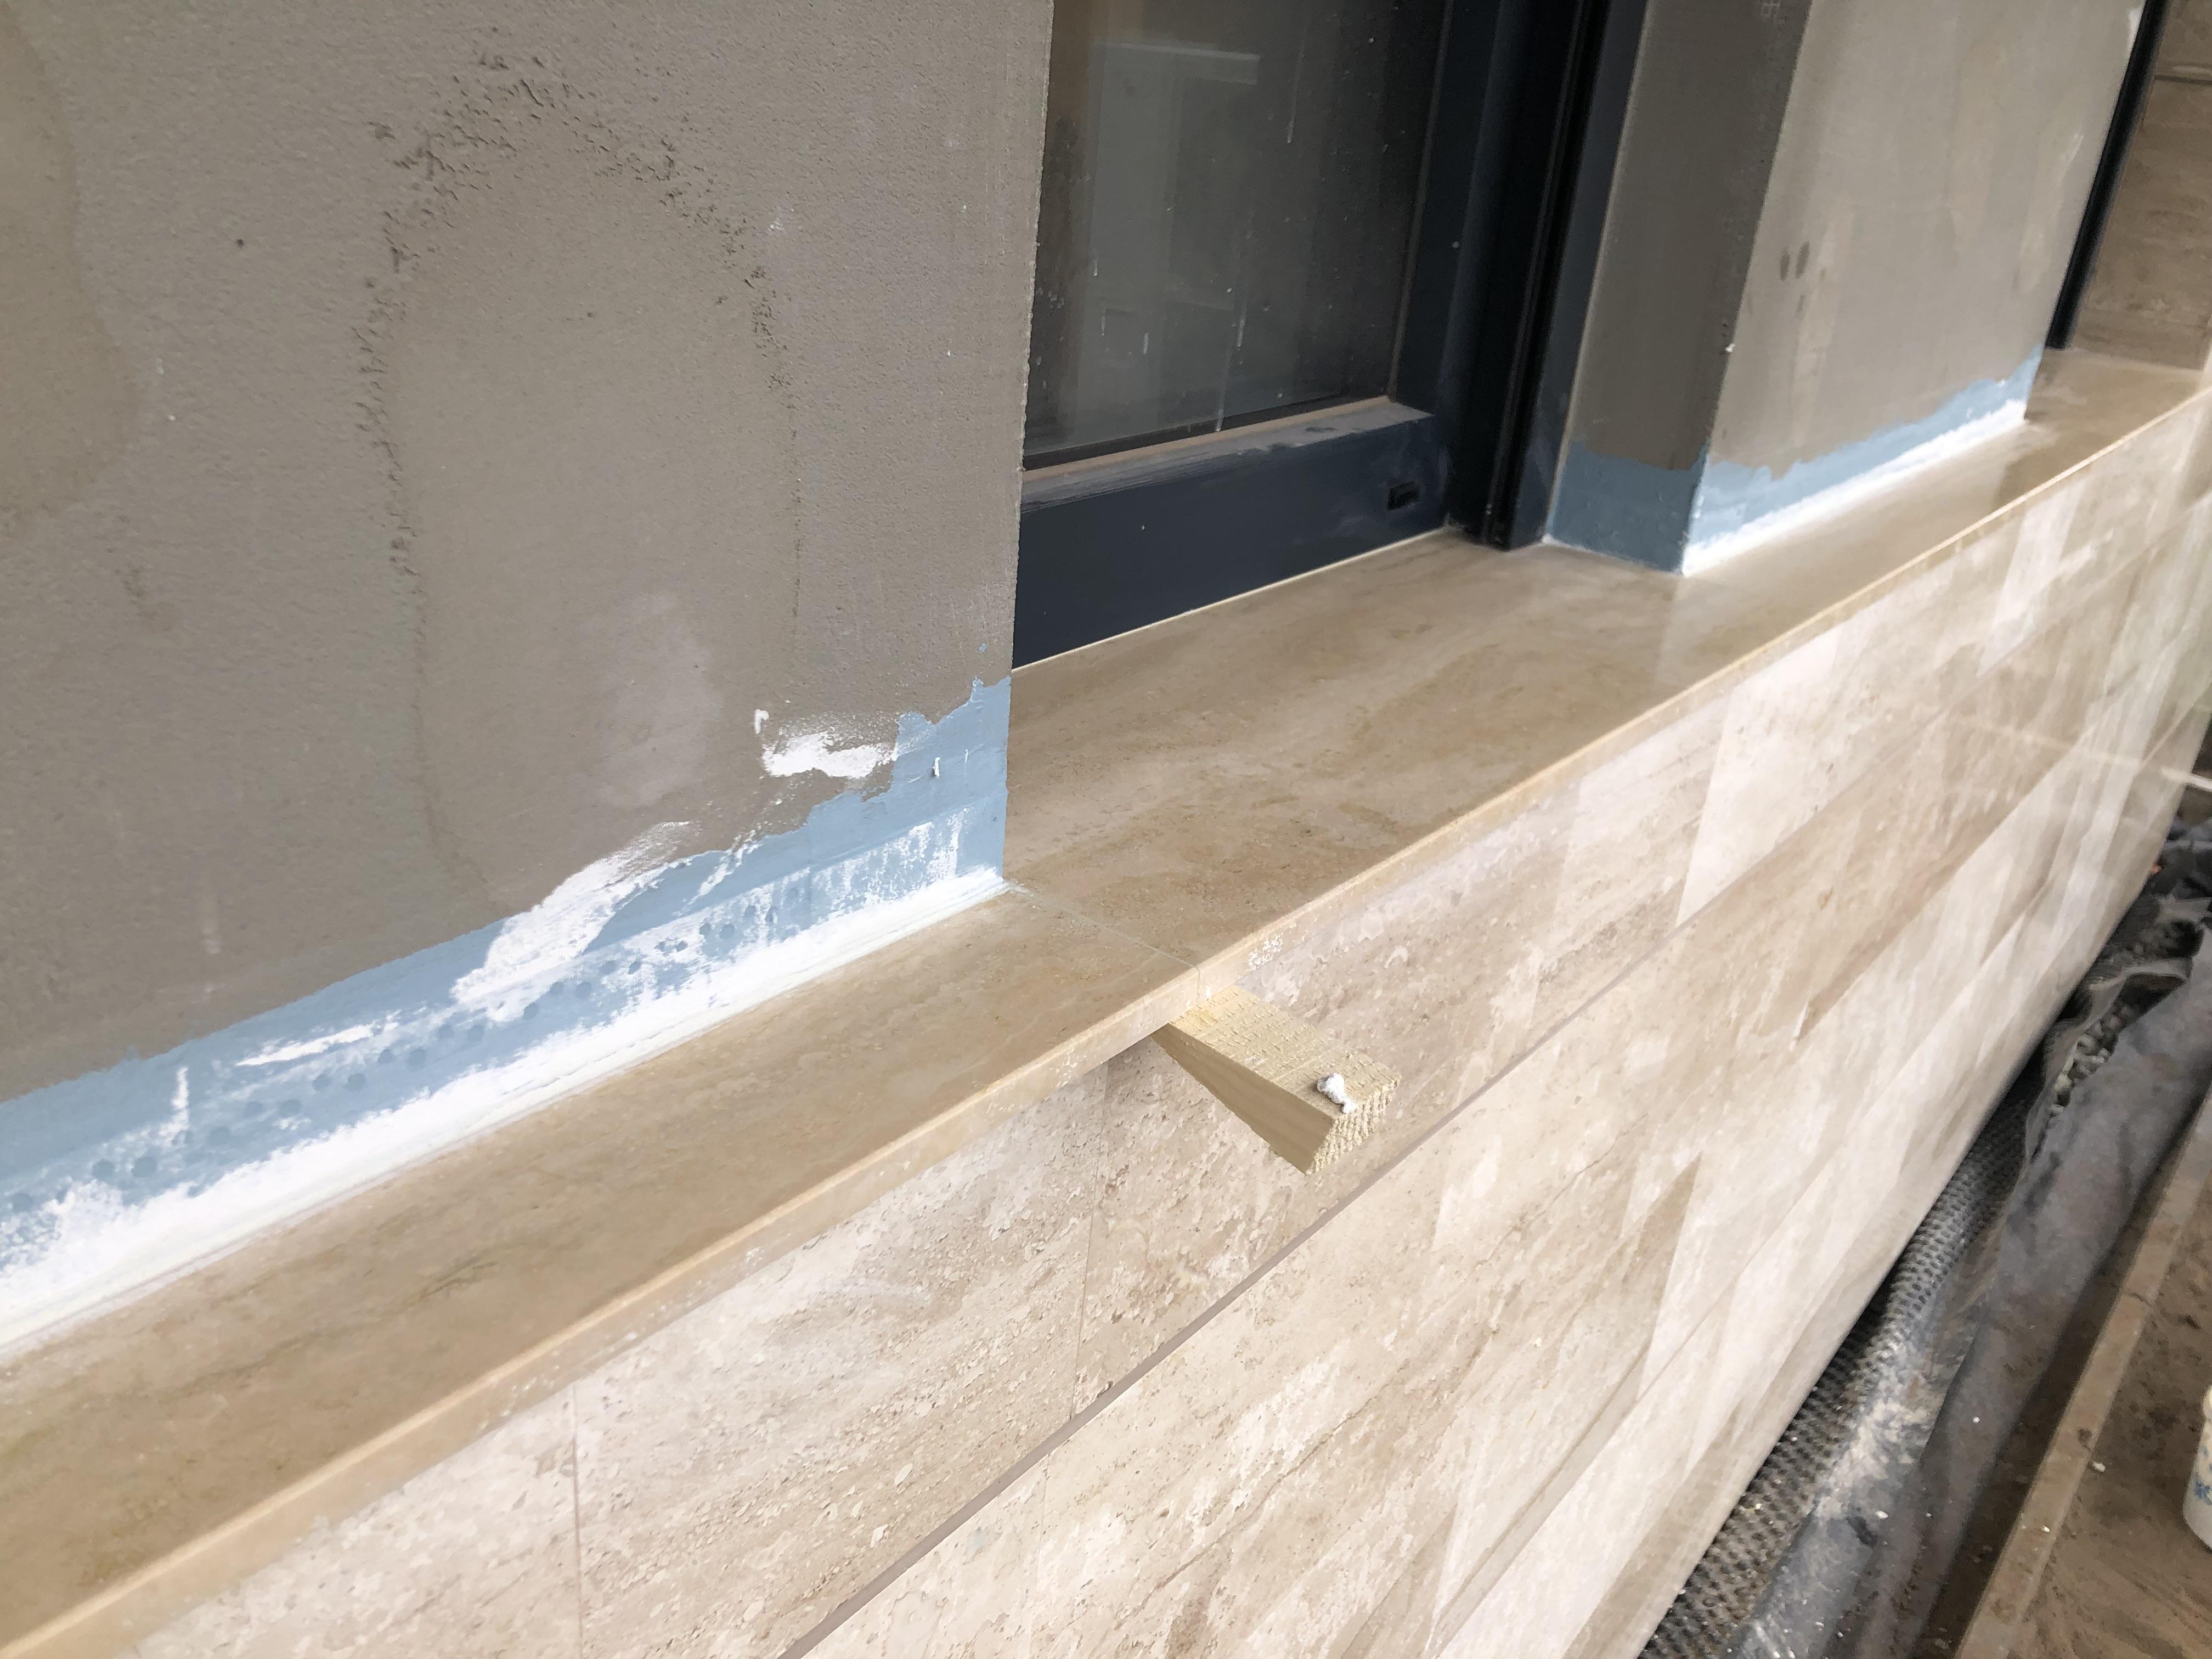 2cm vastagságú egyedi kültéri ablakpárkány Travertin anyagból